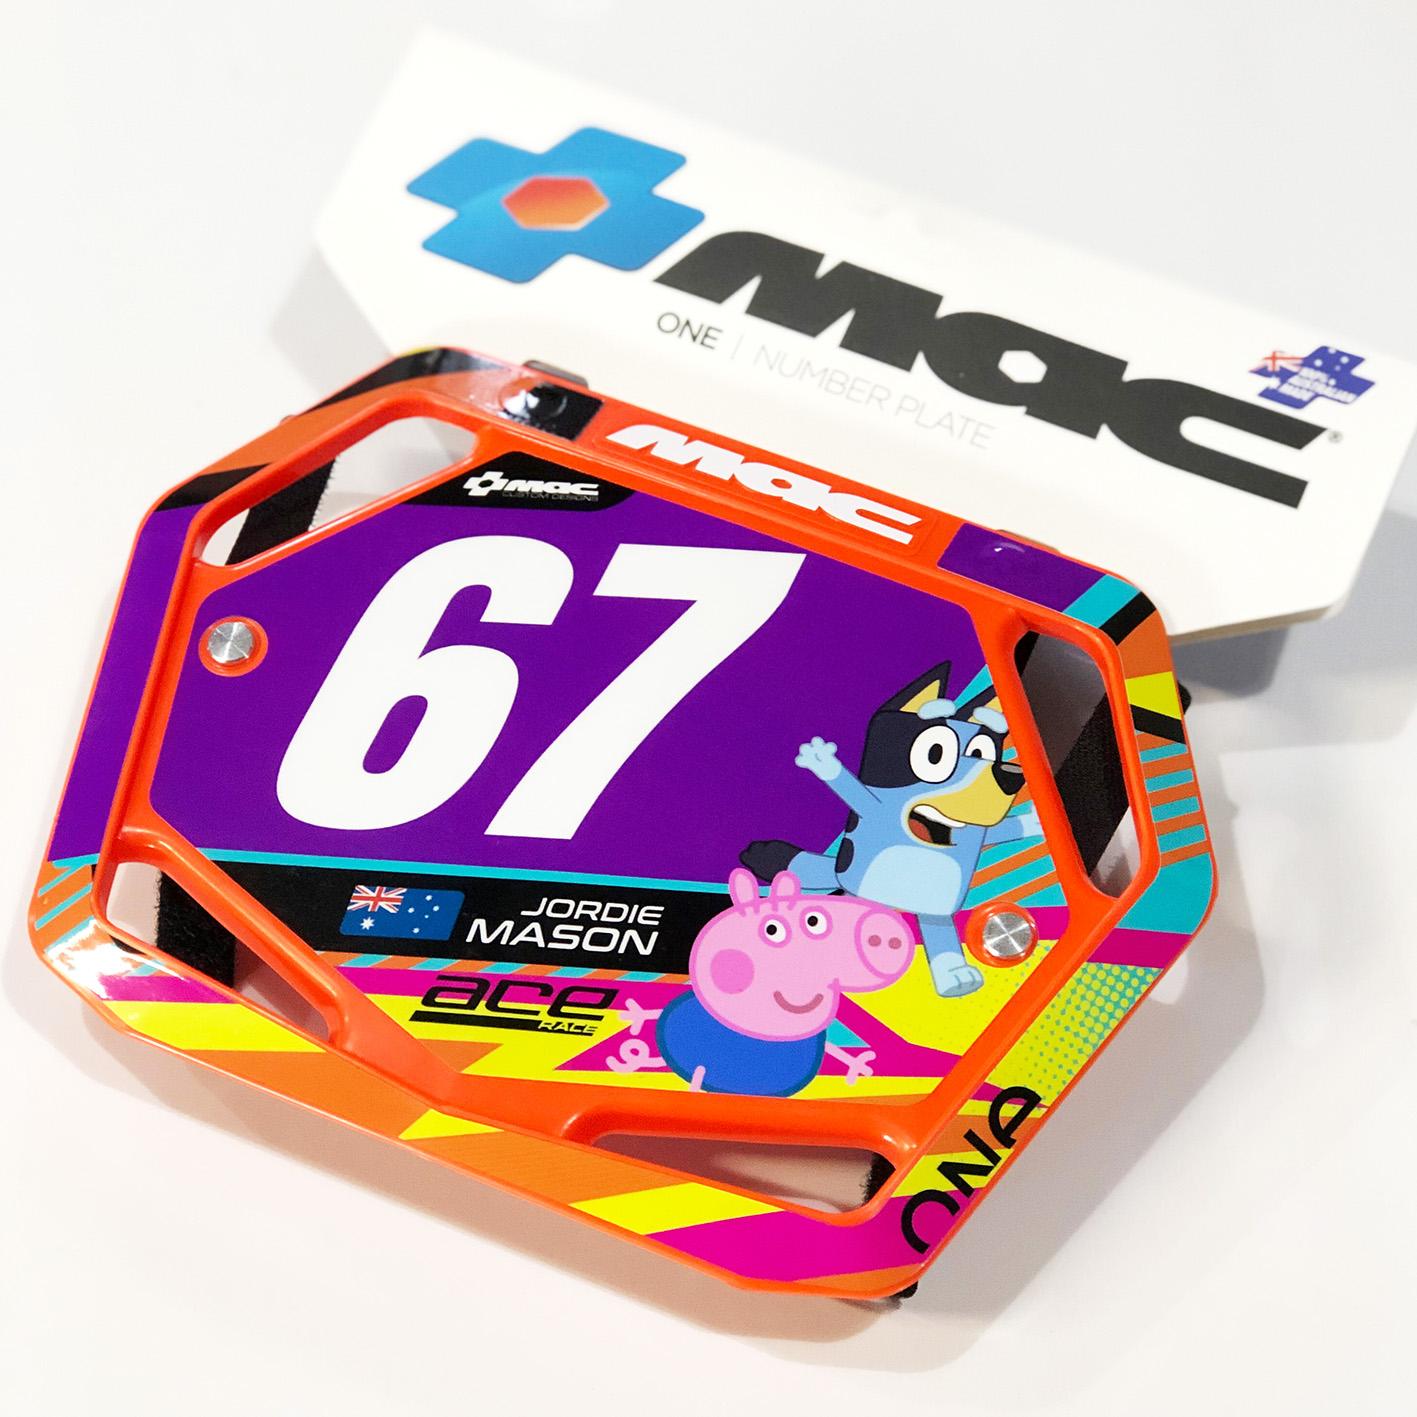 Macplate-67